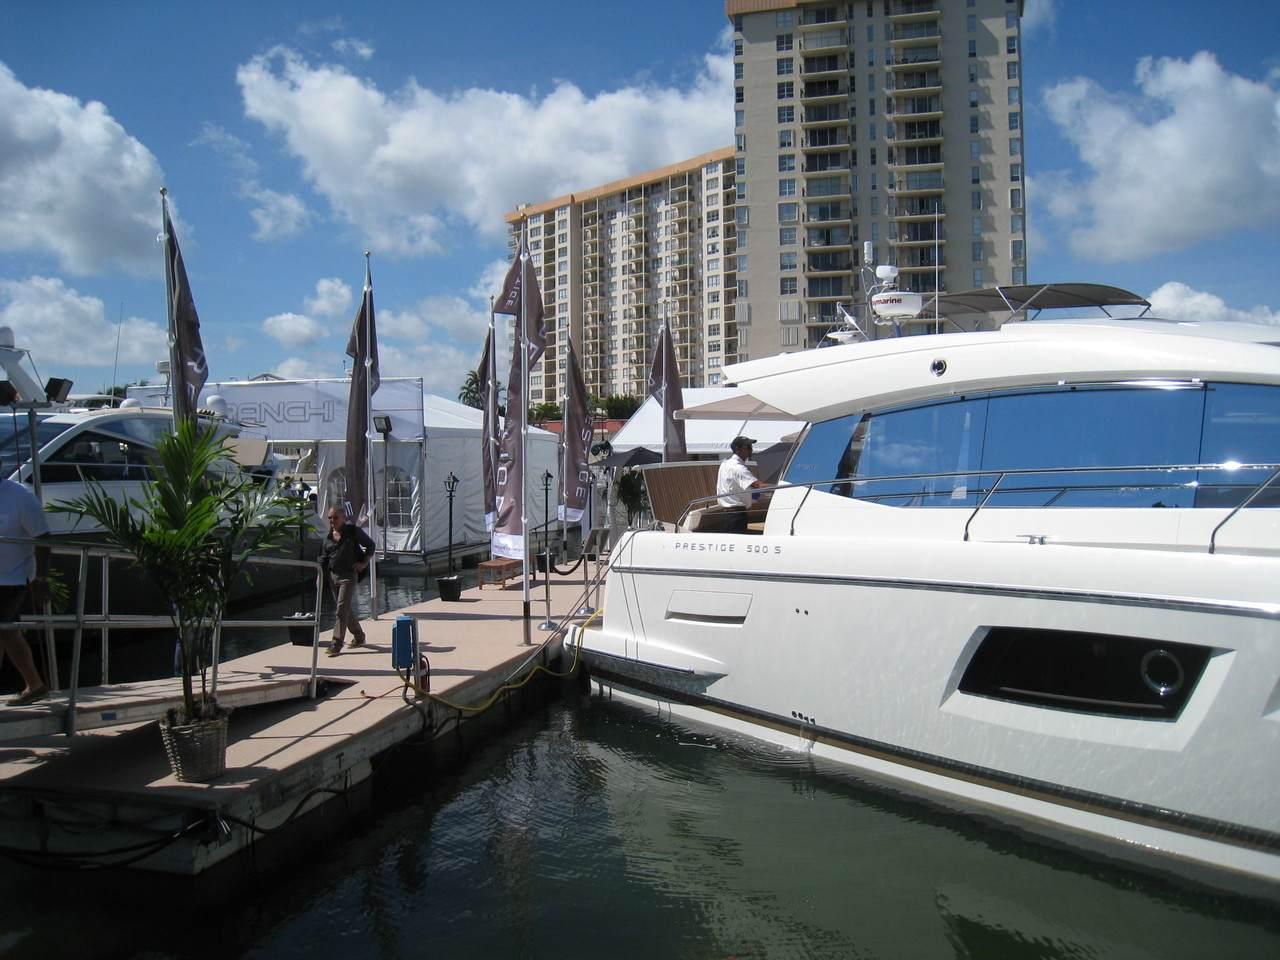 Prestige in Miami boatshow 3